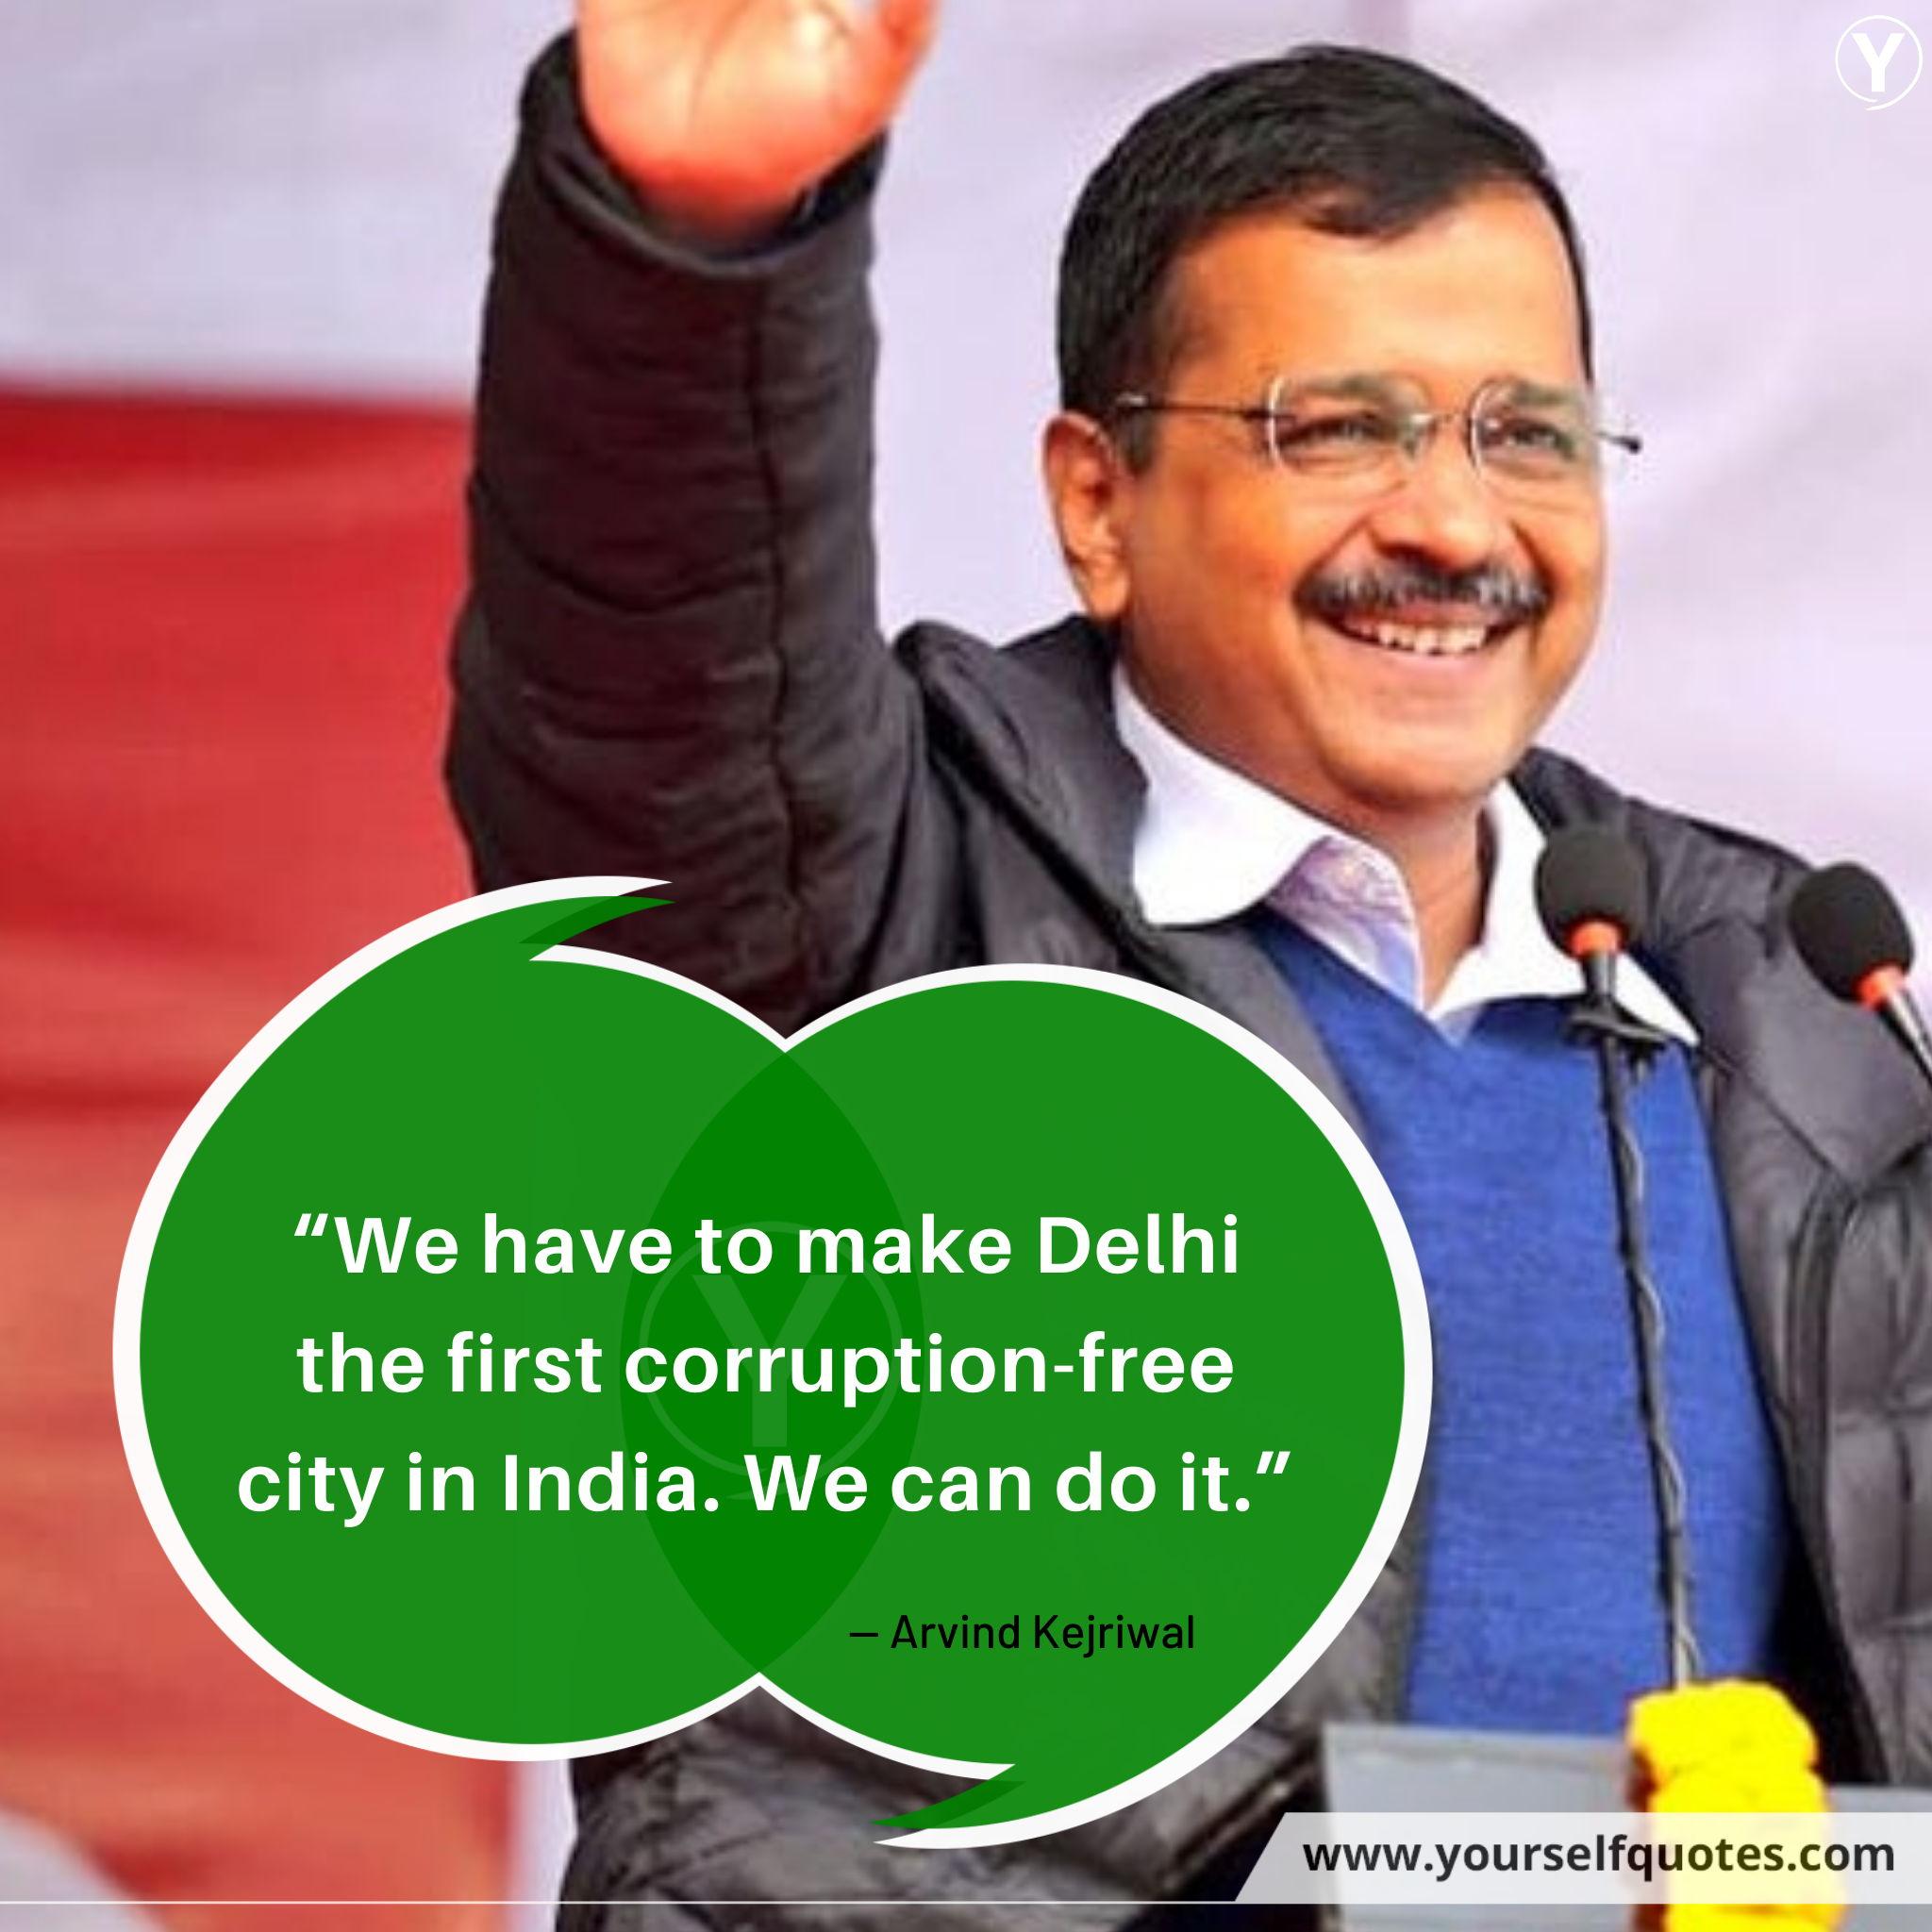 CM Delhi Arvind Kejriwal Quotes images